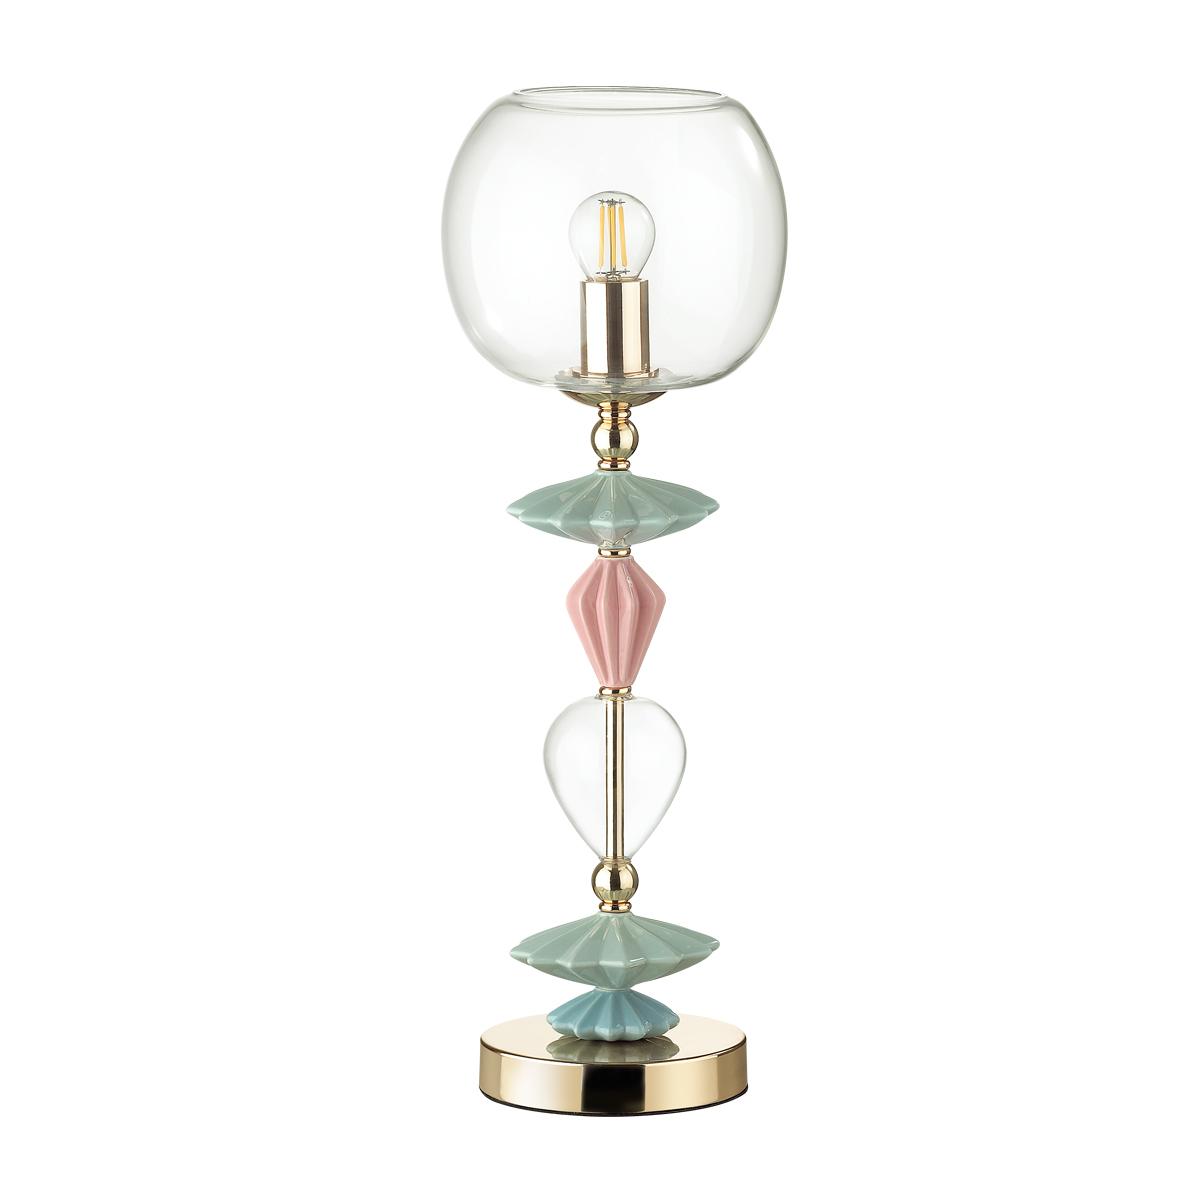 Настольная лампа Odeon Light Classic Bizet 4855/1T, 1xE14x40W, разноцветный, прозрачный, керамика, стекло - фото 2